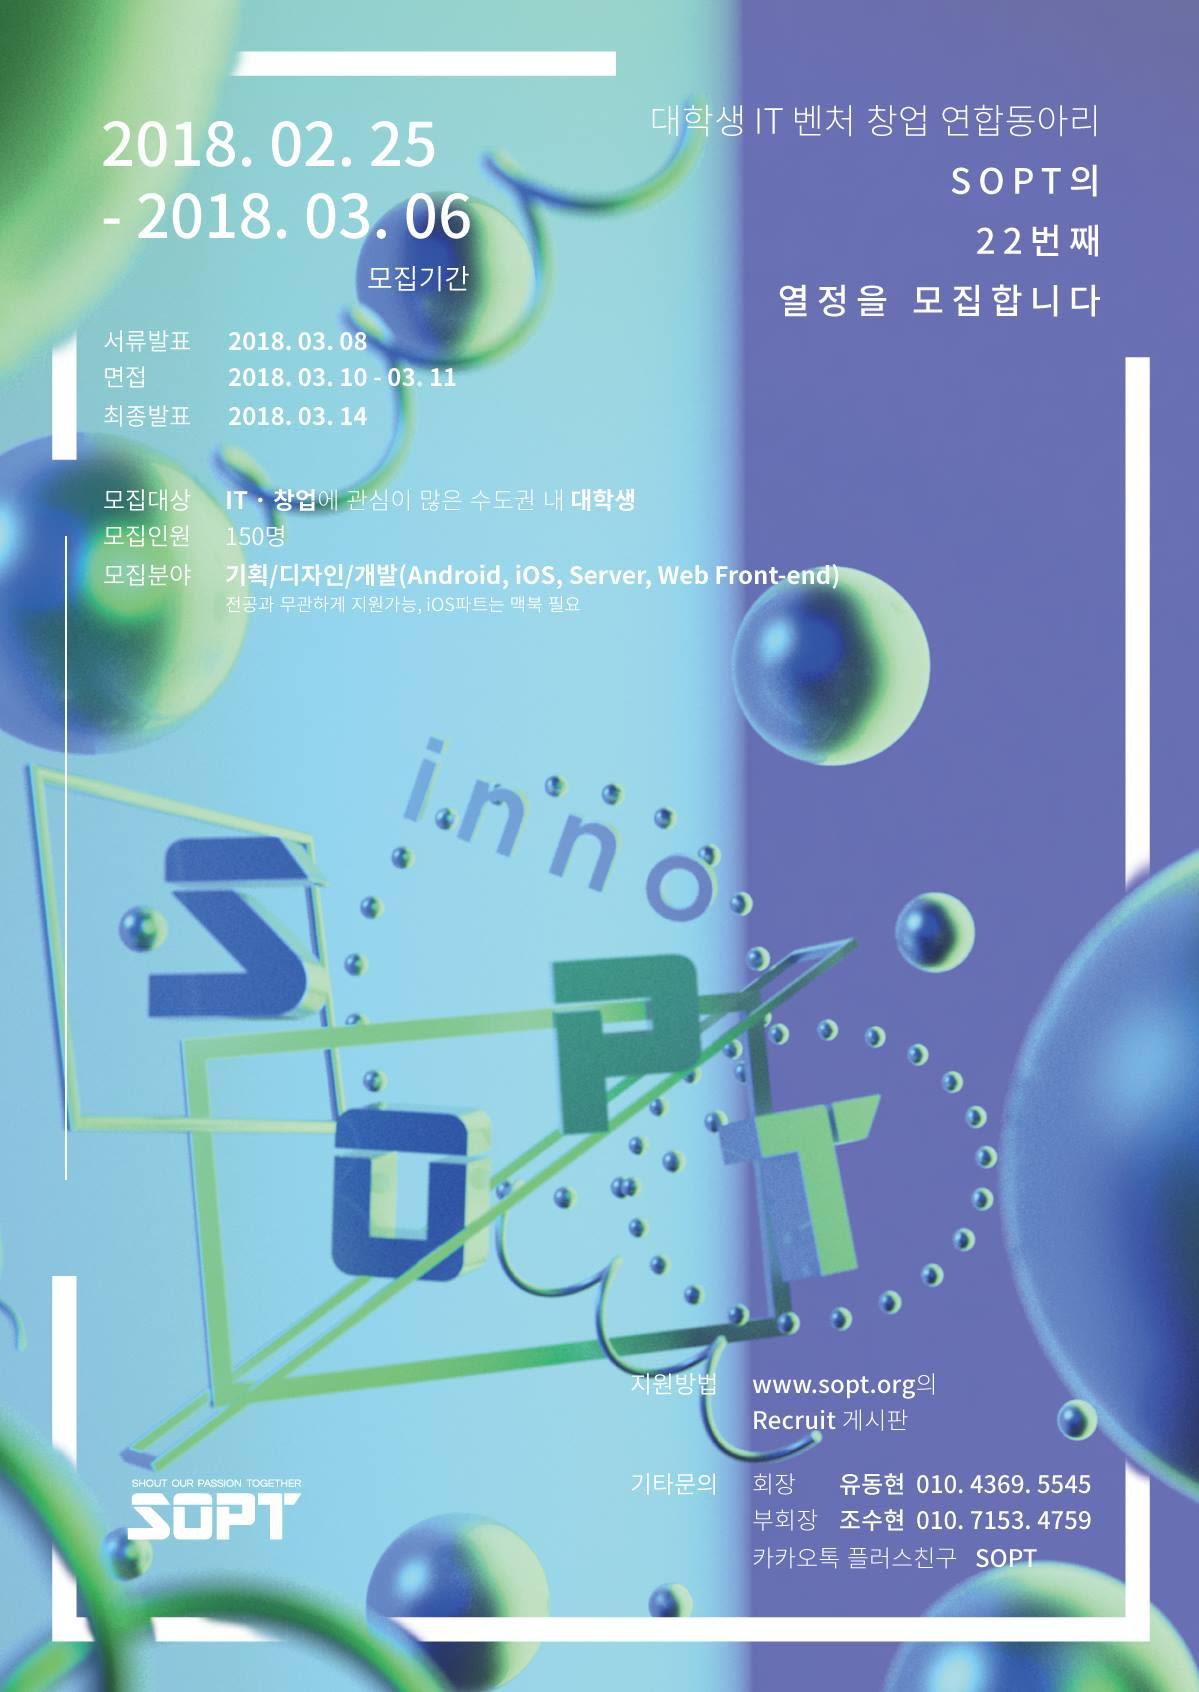 inno_SOPT 22nd YB회원 모집